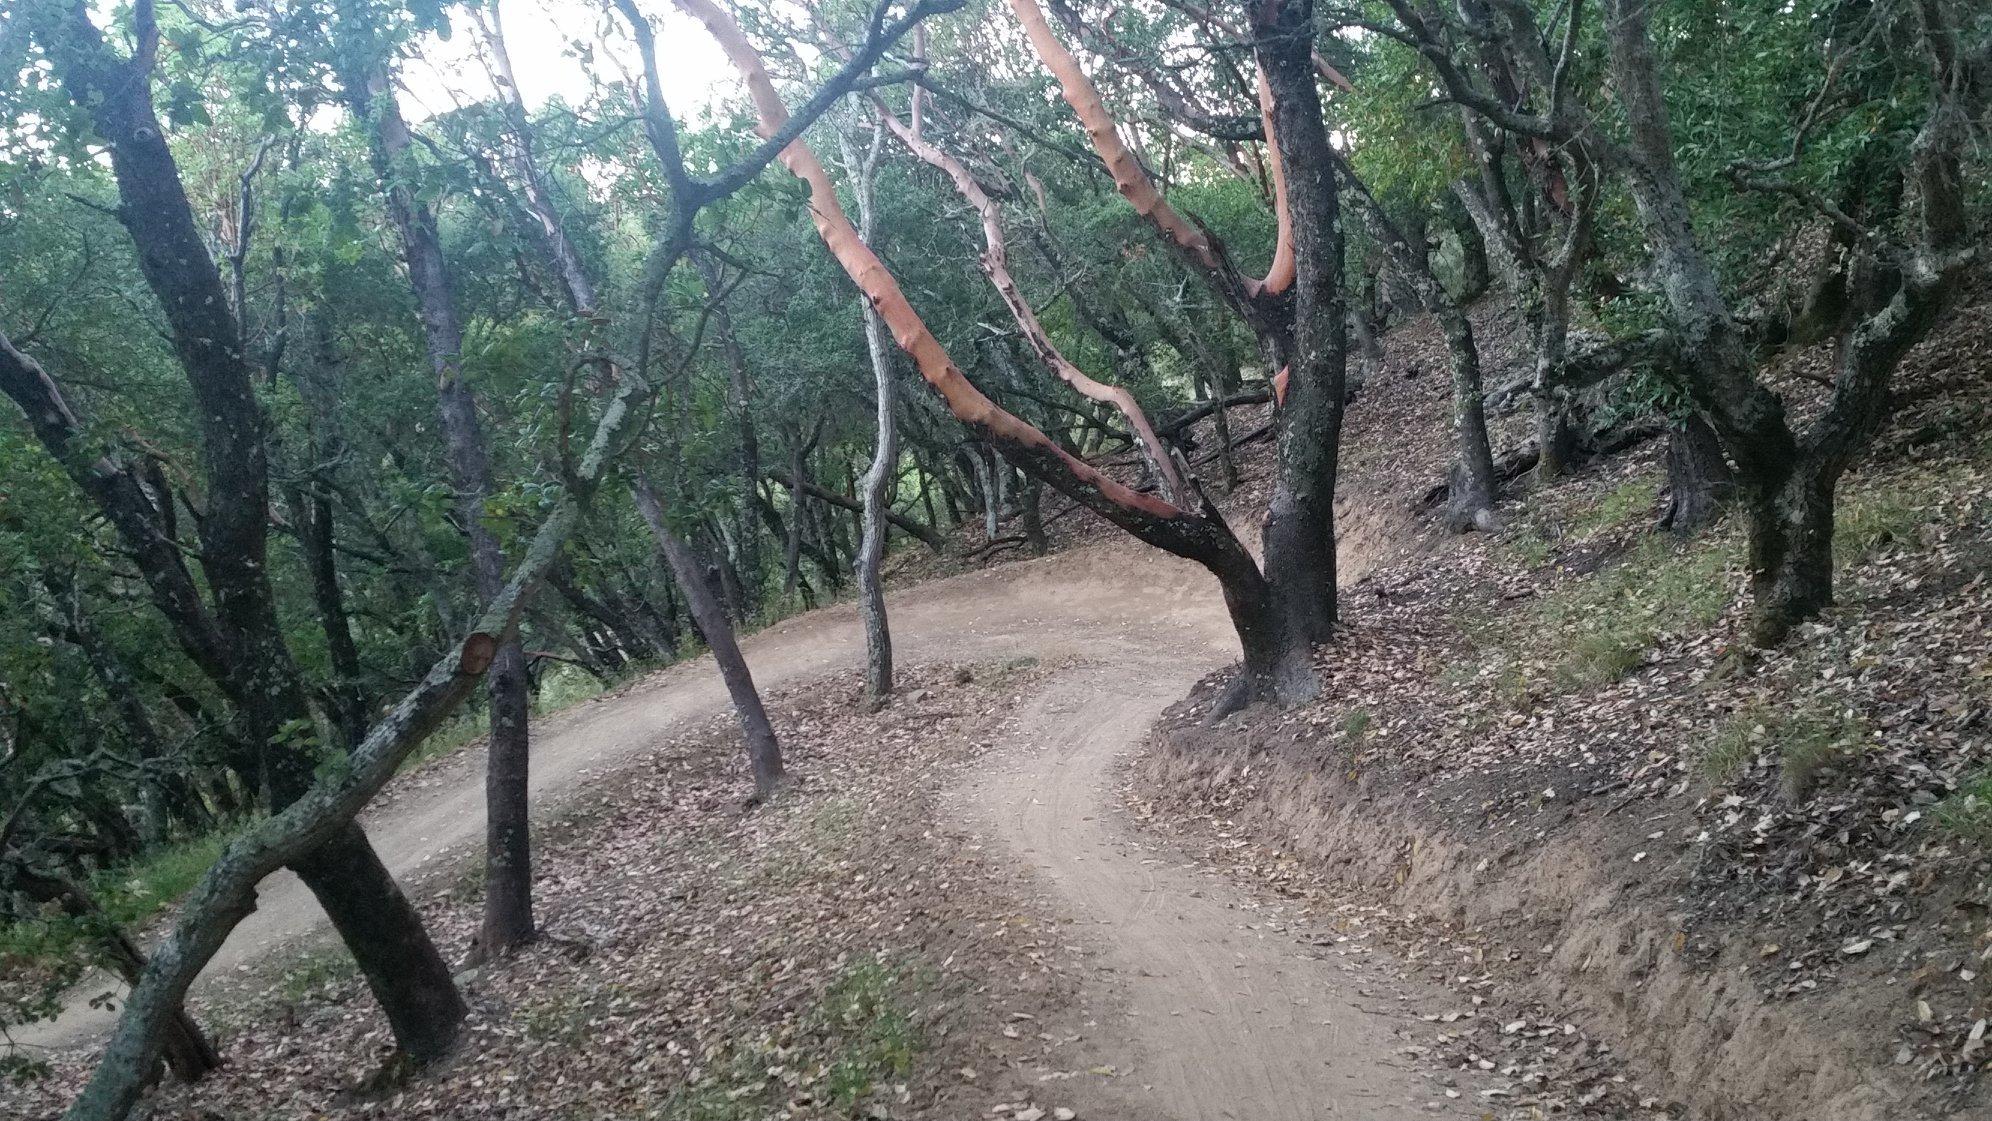 Ponti Ridge